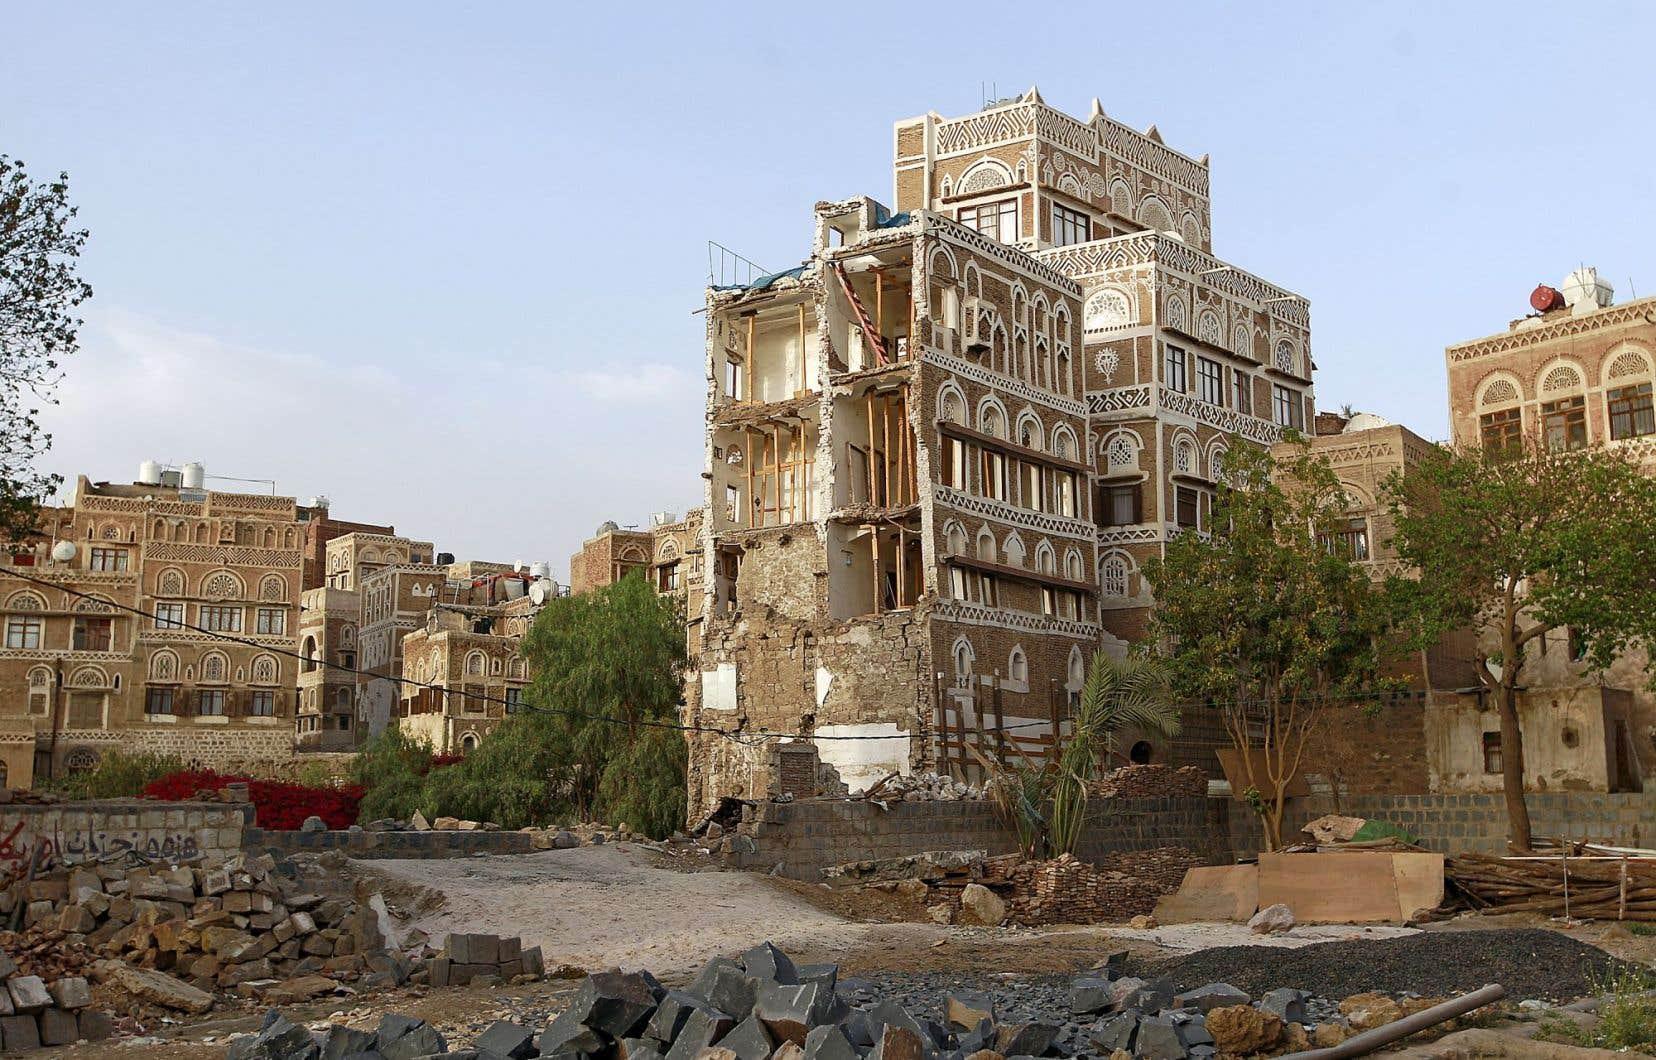 Cette année, des bâtiments de la vieille ville de Sanaa, au Yémen, site inscrit sur la liste du patrimoine mondial de l'UNESCO, ont été détruits par des frappes aériennes lancées par la coalition menée par l'Arabie saoudite contre les miliciens houthis.